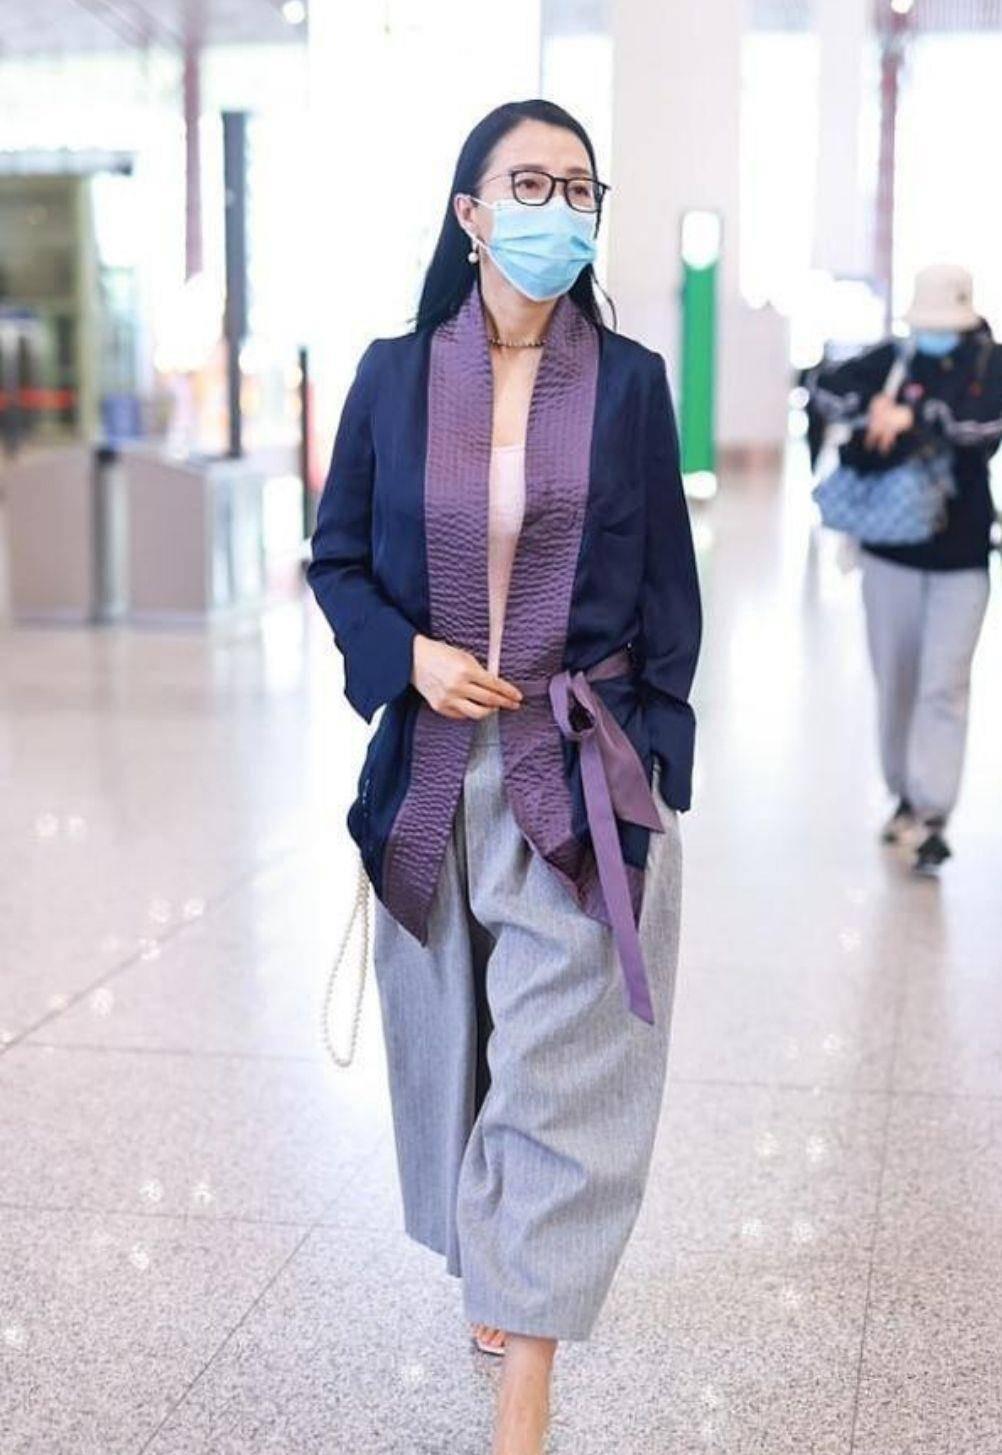 昔日性感的阿朵不再高调,机场穿紫色汉服,更像一位知性女教师